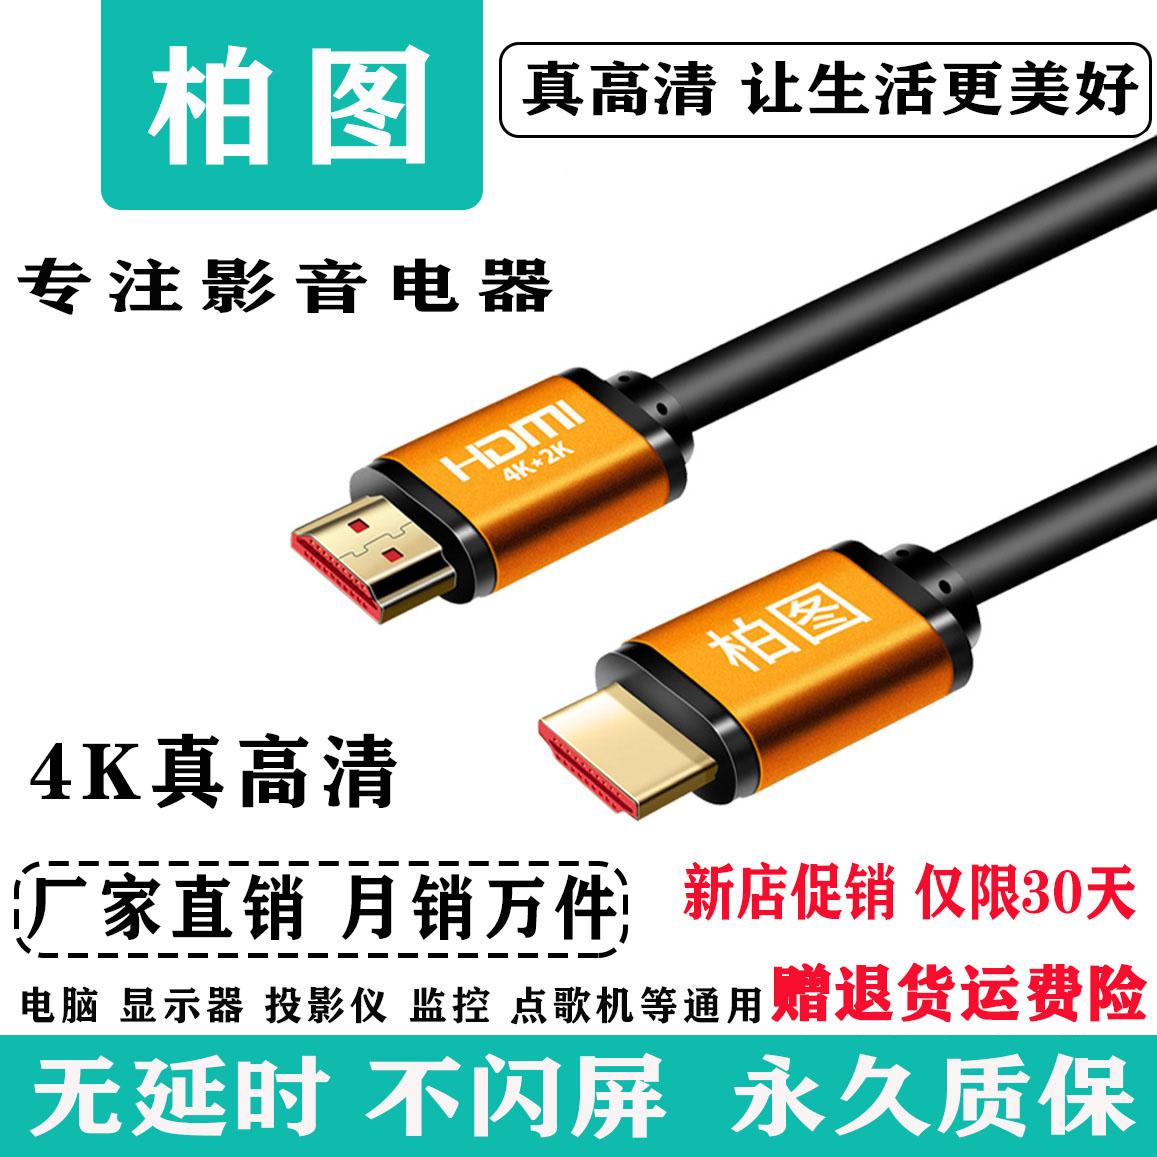 柏图 hdmi线2.0高清4k数据线电脑电视连接显示器机顶盒信号加延长2/3/1.5/8/10米台式主机笔记本音视频线hdml